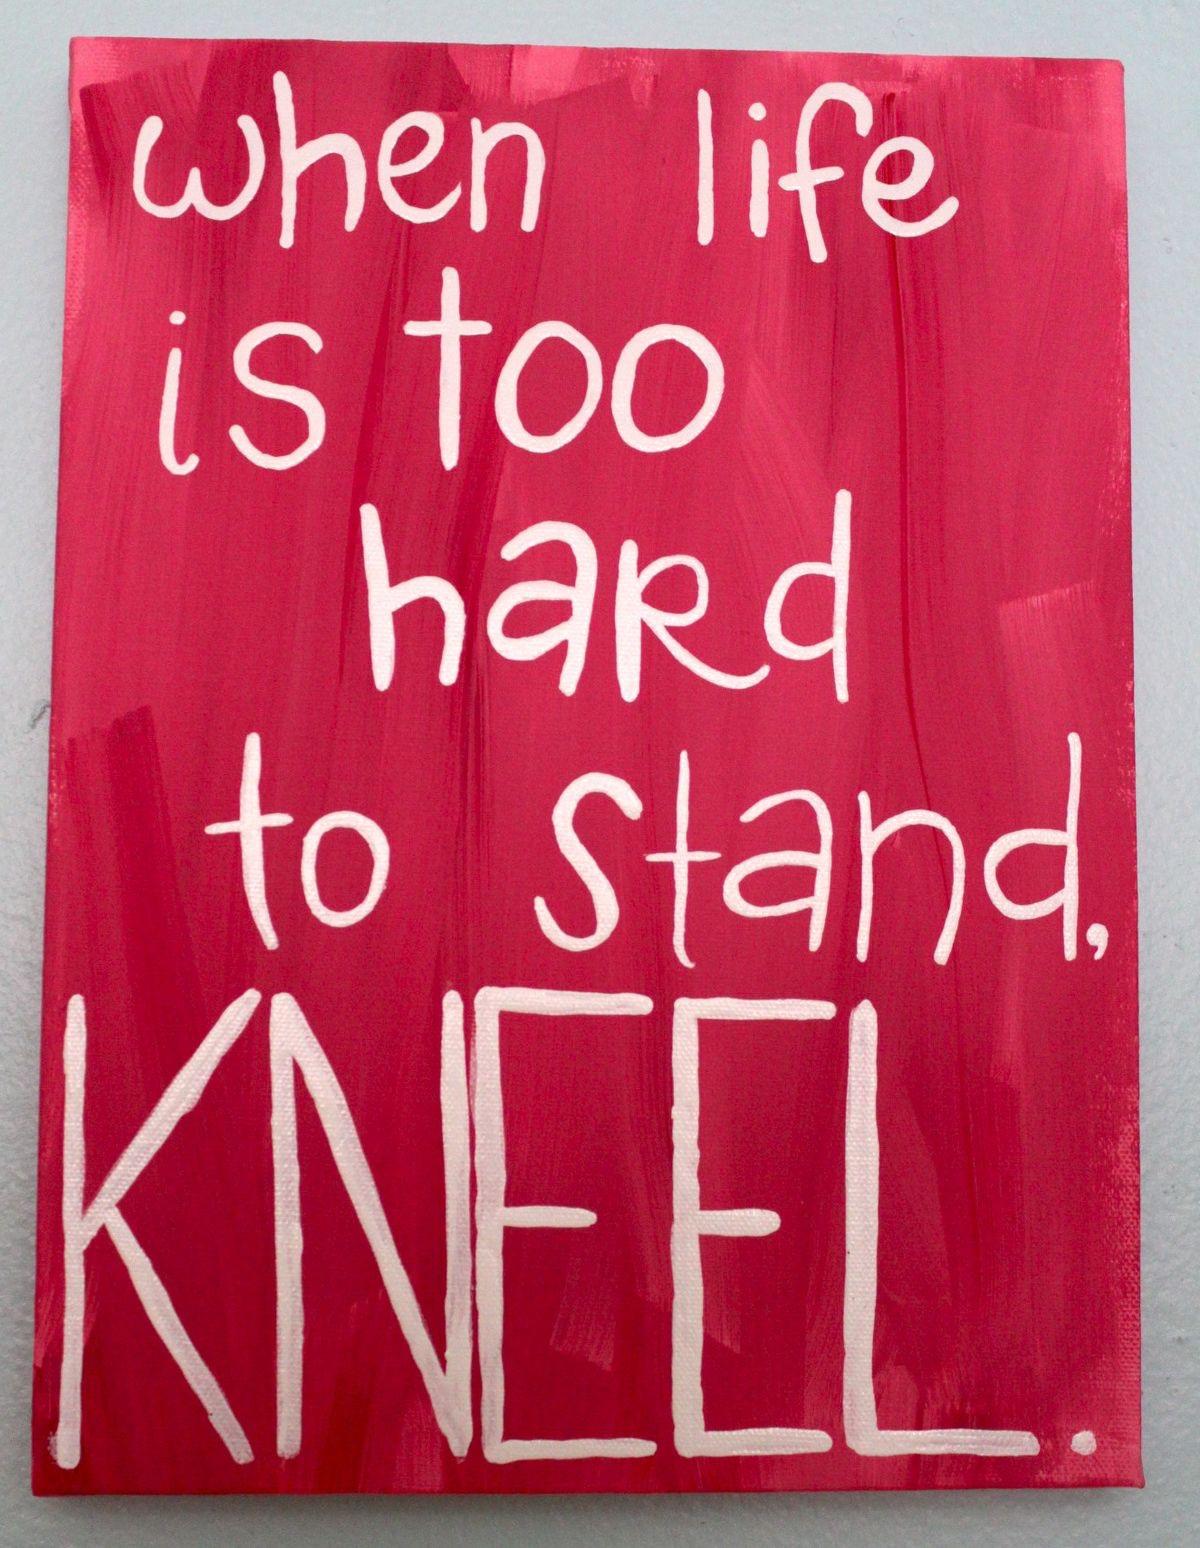 Stand - kneel